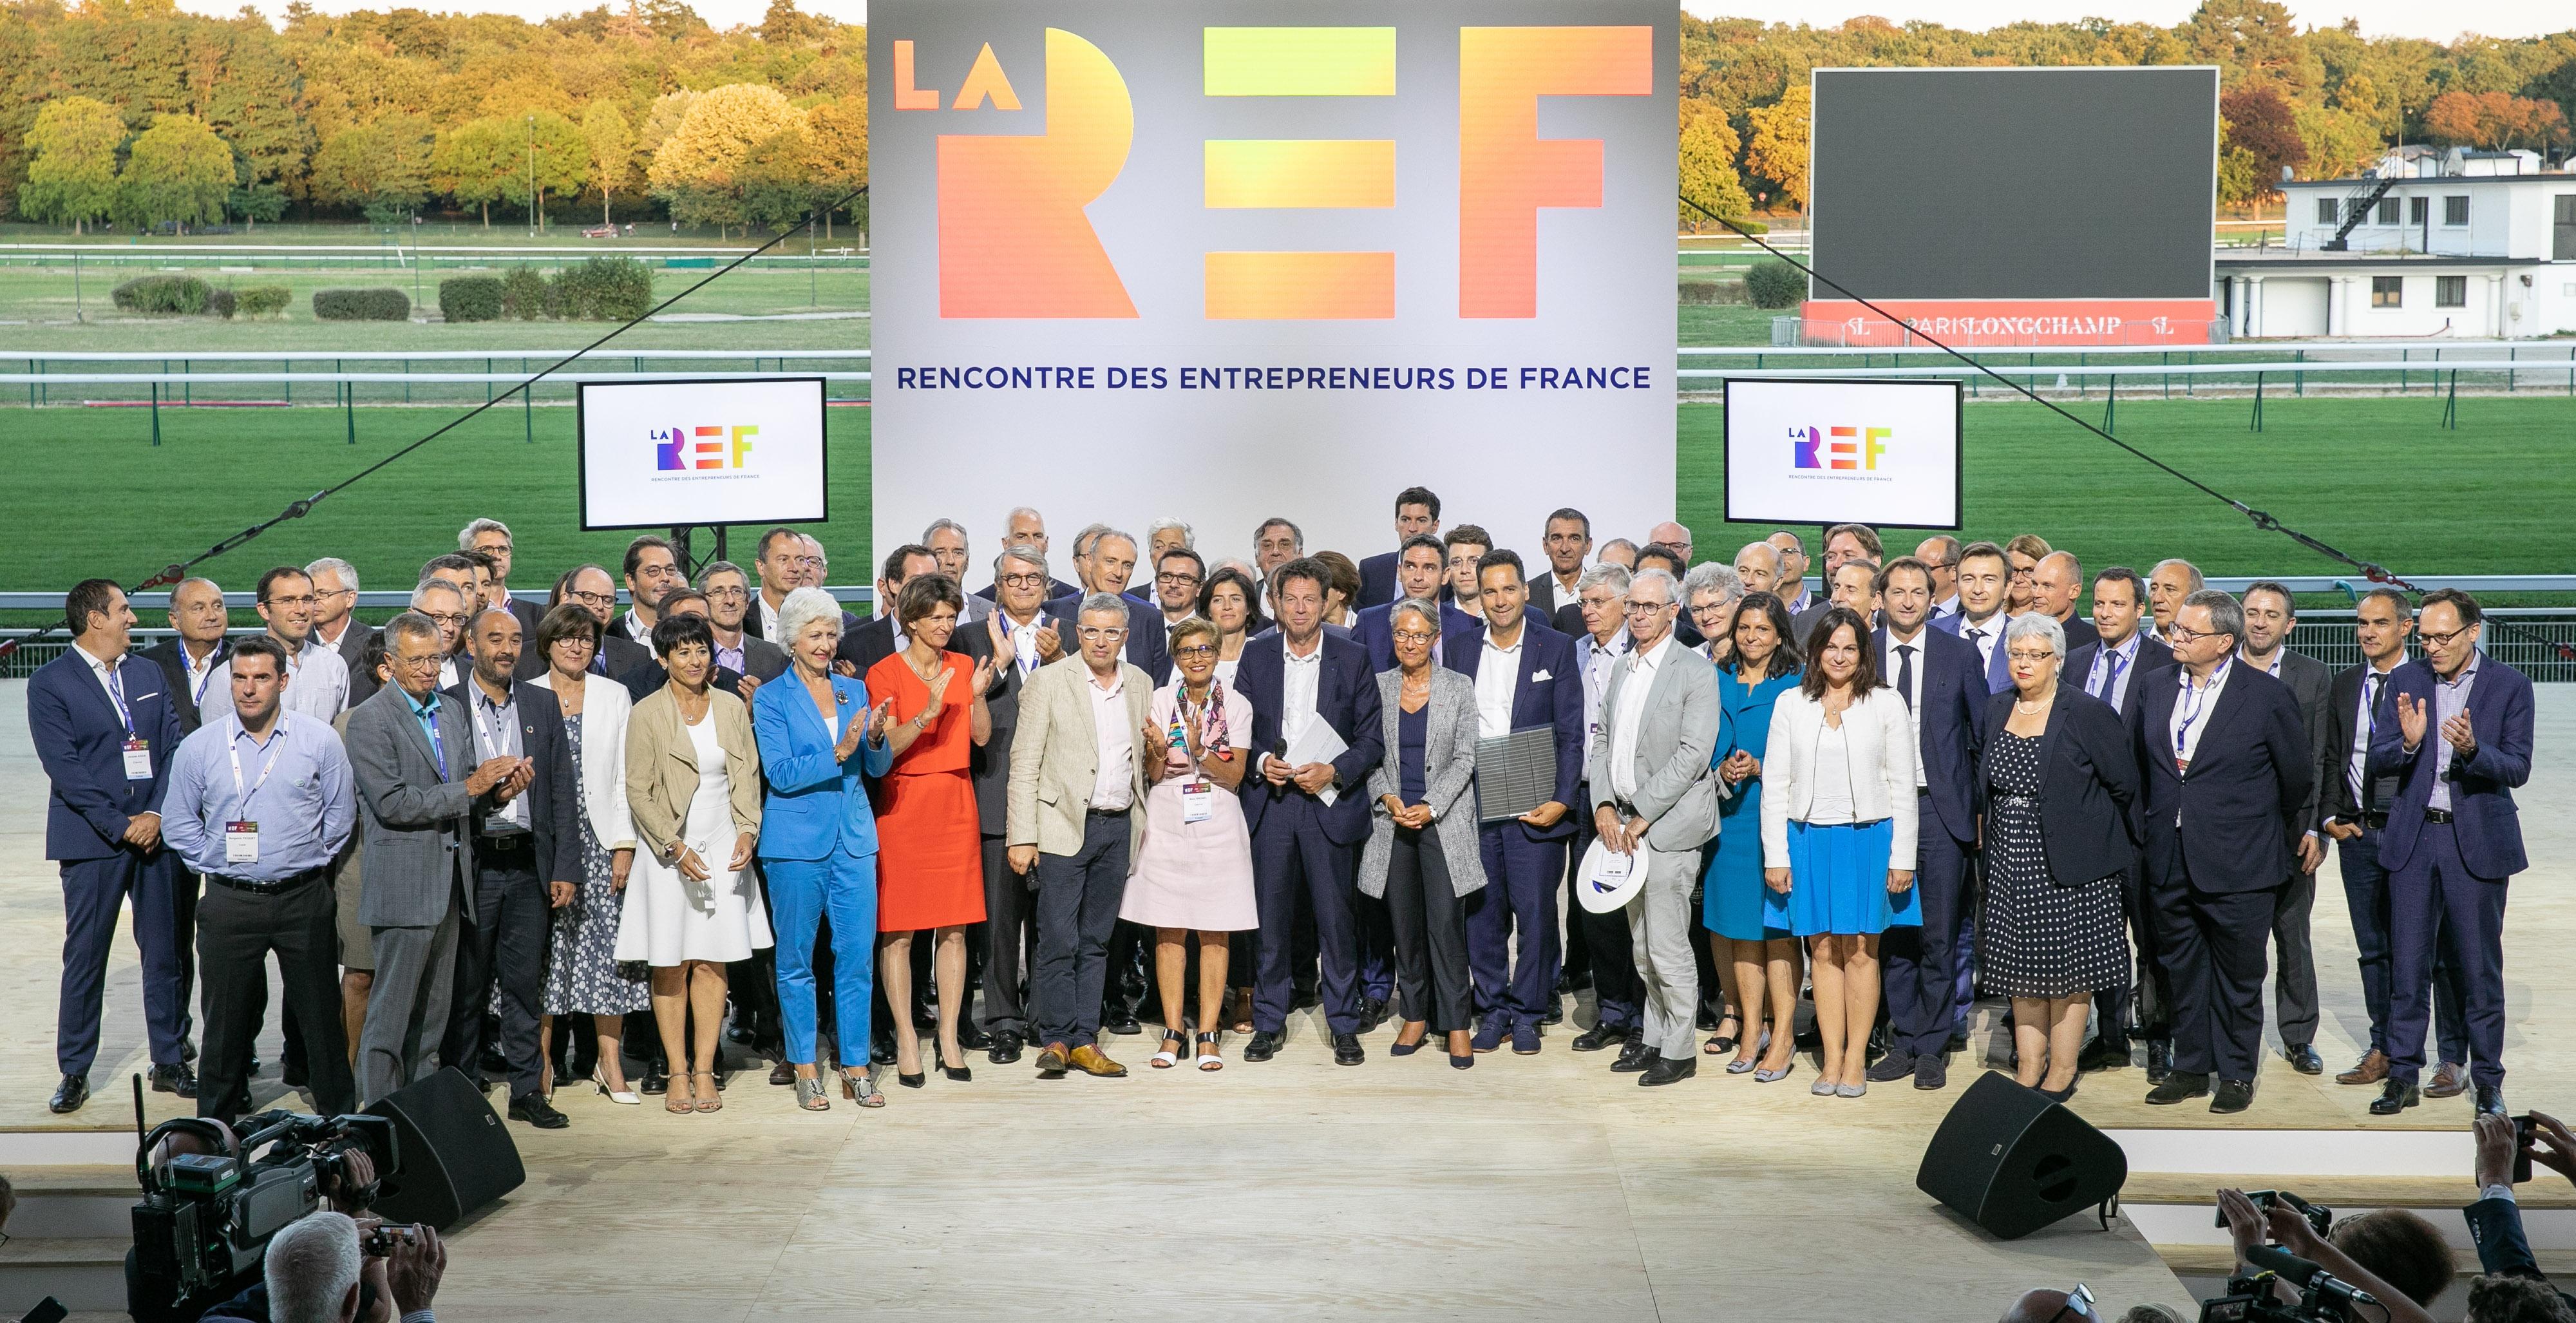 Séquence de clôture de la Rencontre des entrepreneurs de France 2019